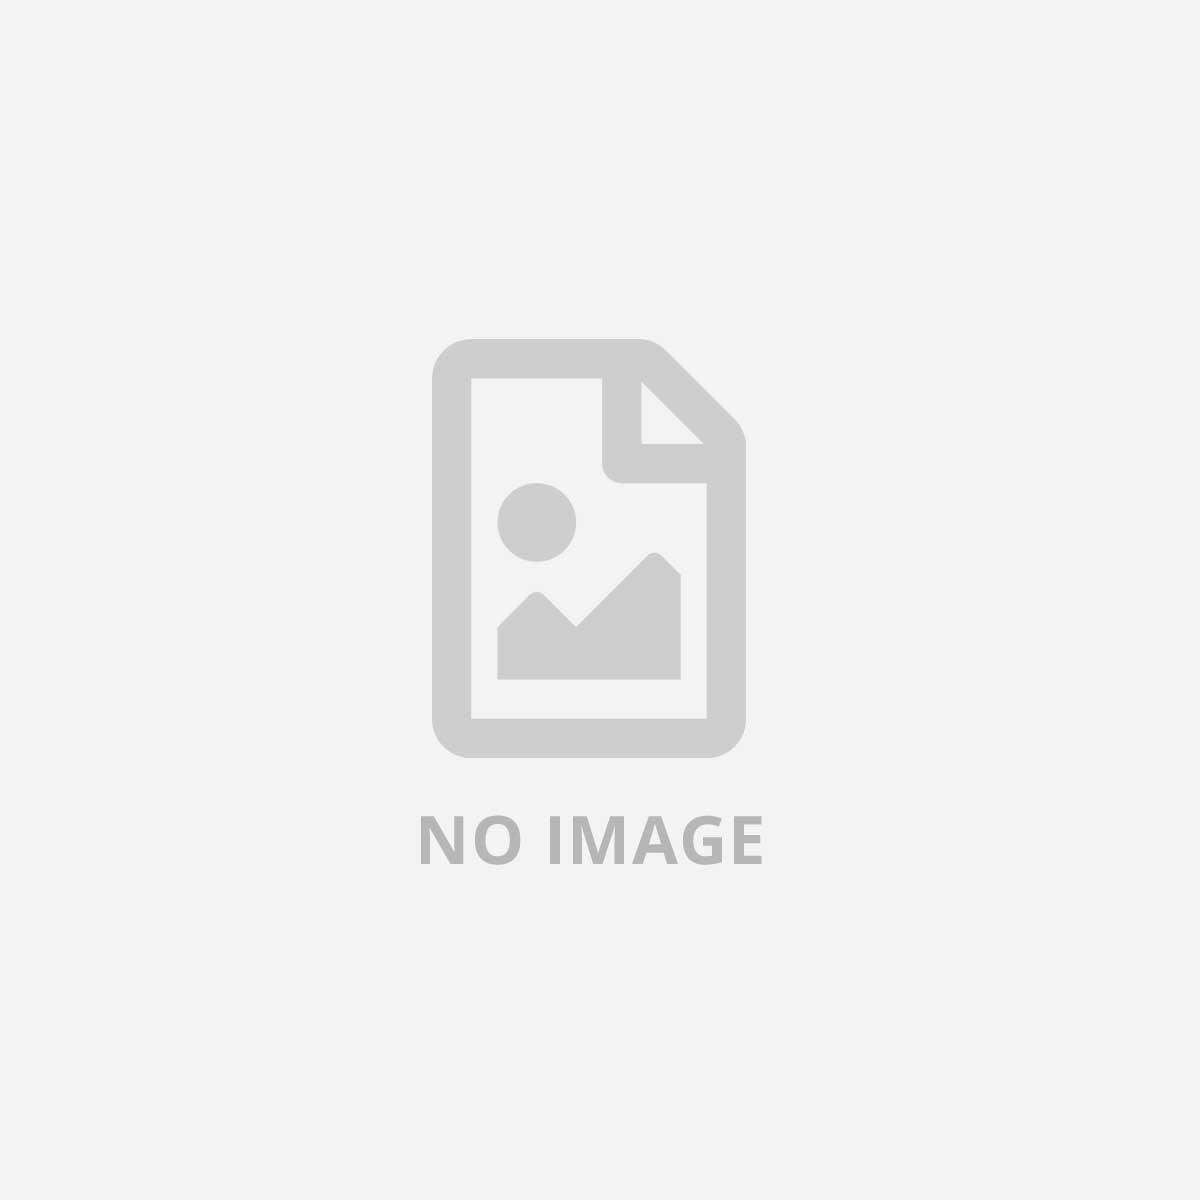 WATCHGUARD COMP TRDIN WTG AP125 3Y BASIC WIFI